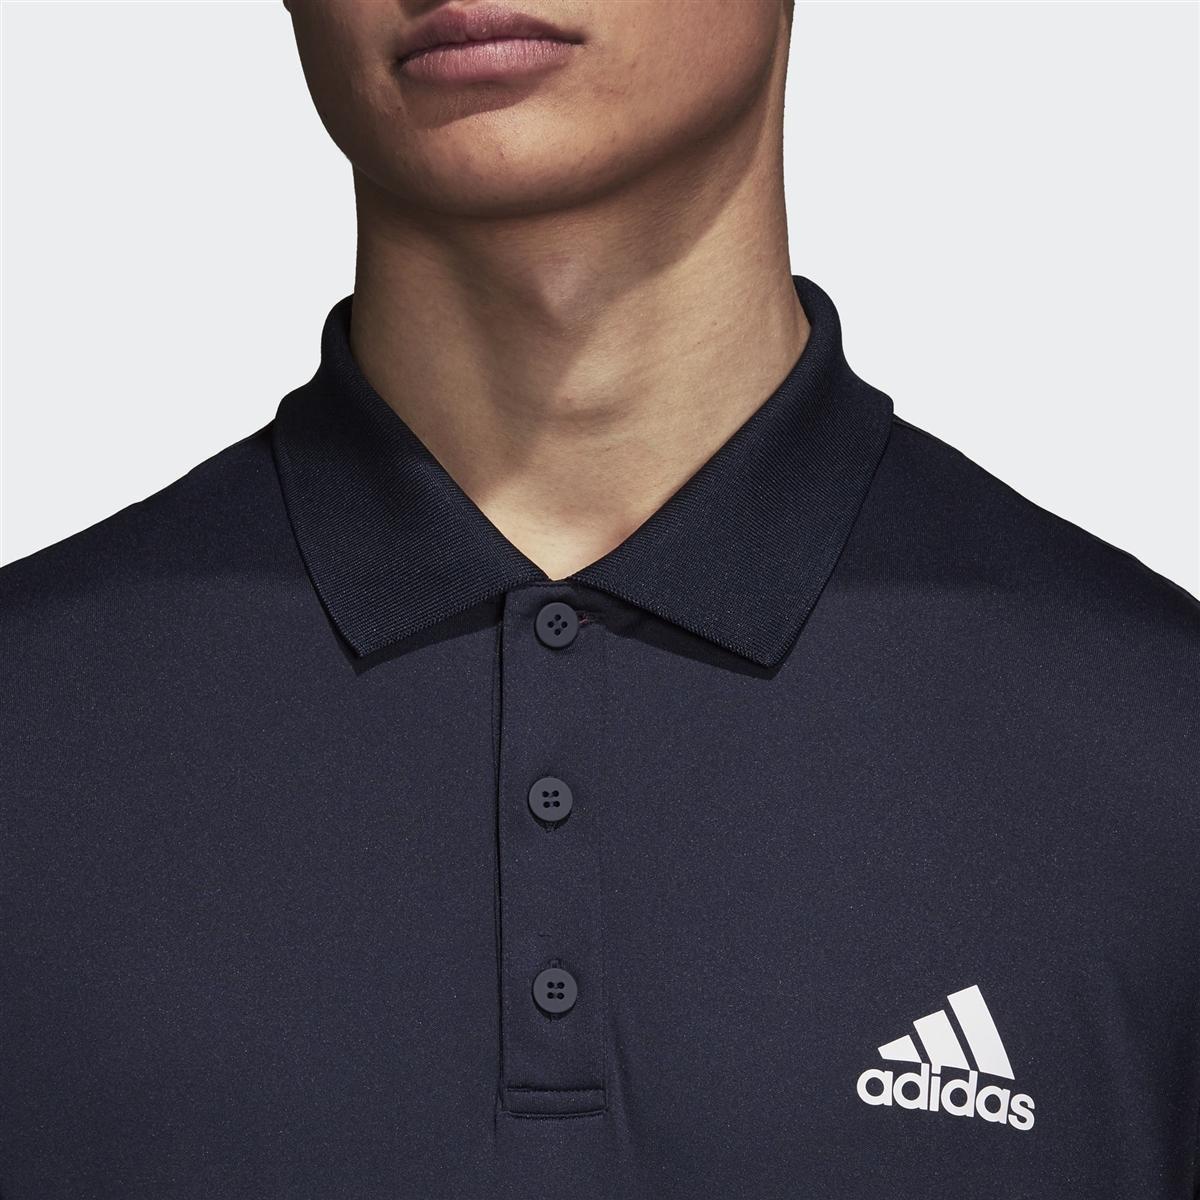 fe8f3f461c Camisa Polo Adidas Club 3 Listras Feminina - Marinho - Compre Agora ...